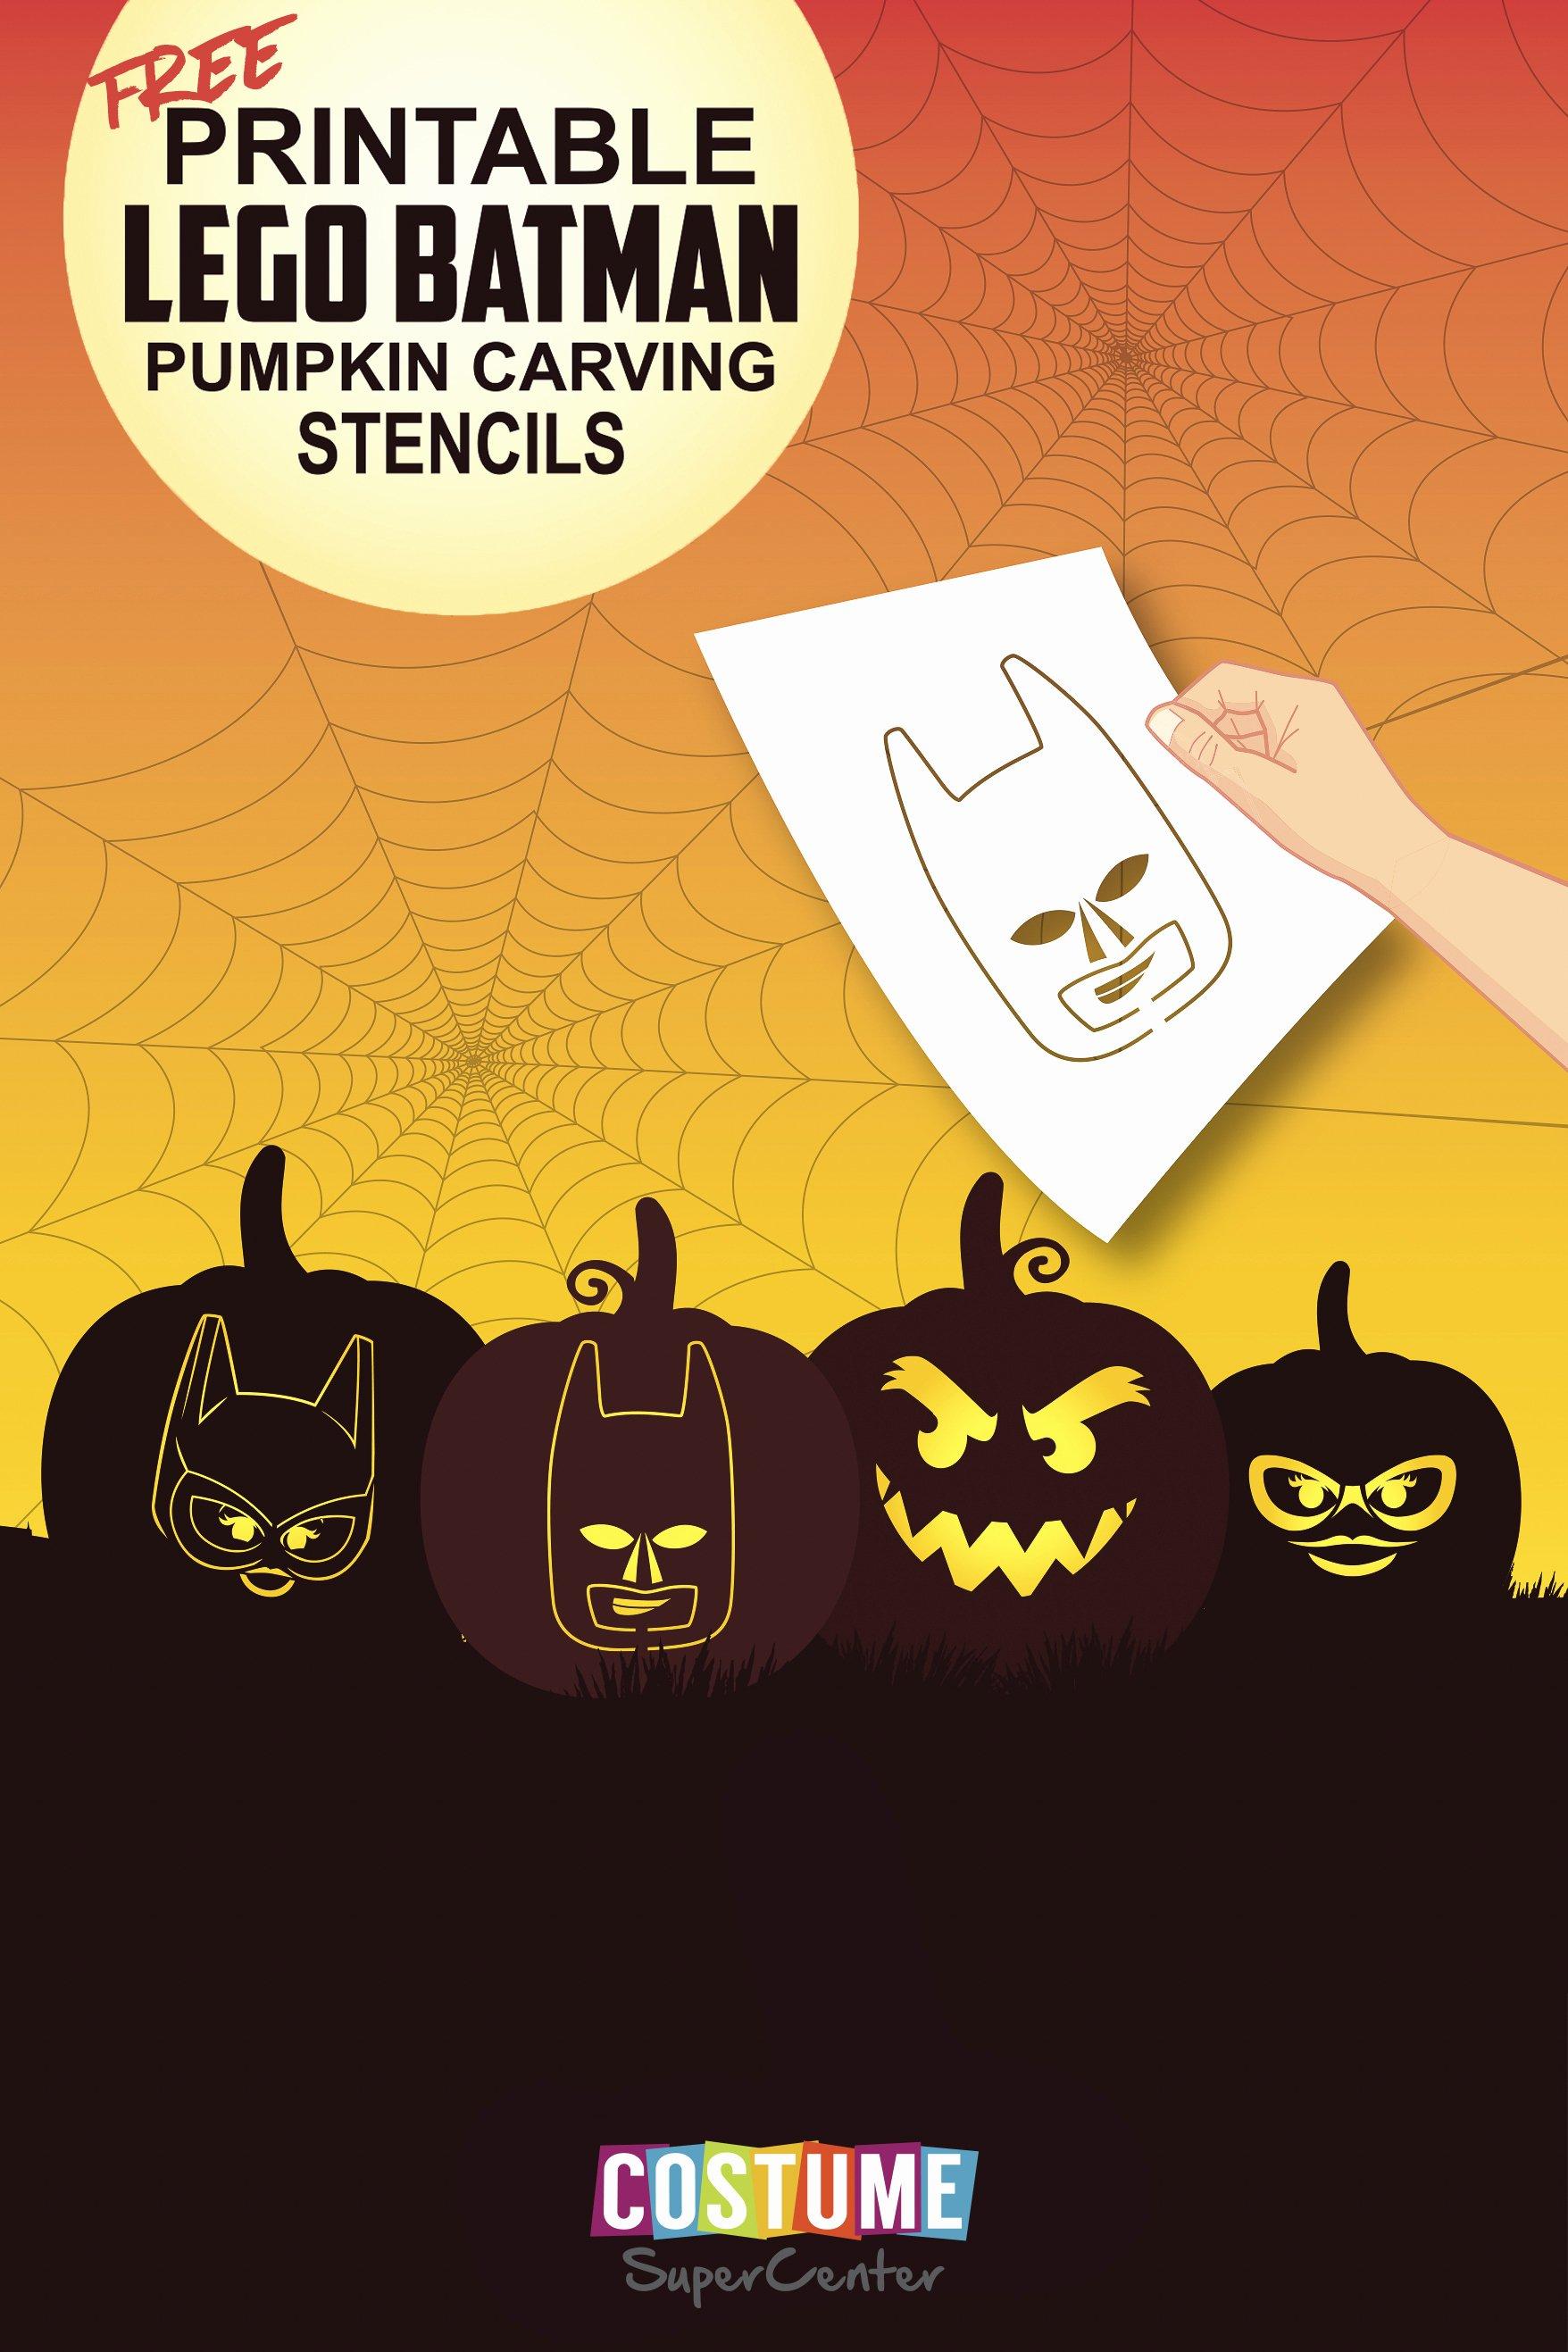 Batman Pumpkin Carving Stencil Unique Lego Batman Pumpkin Carving Stencils